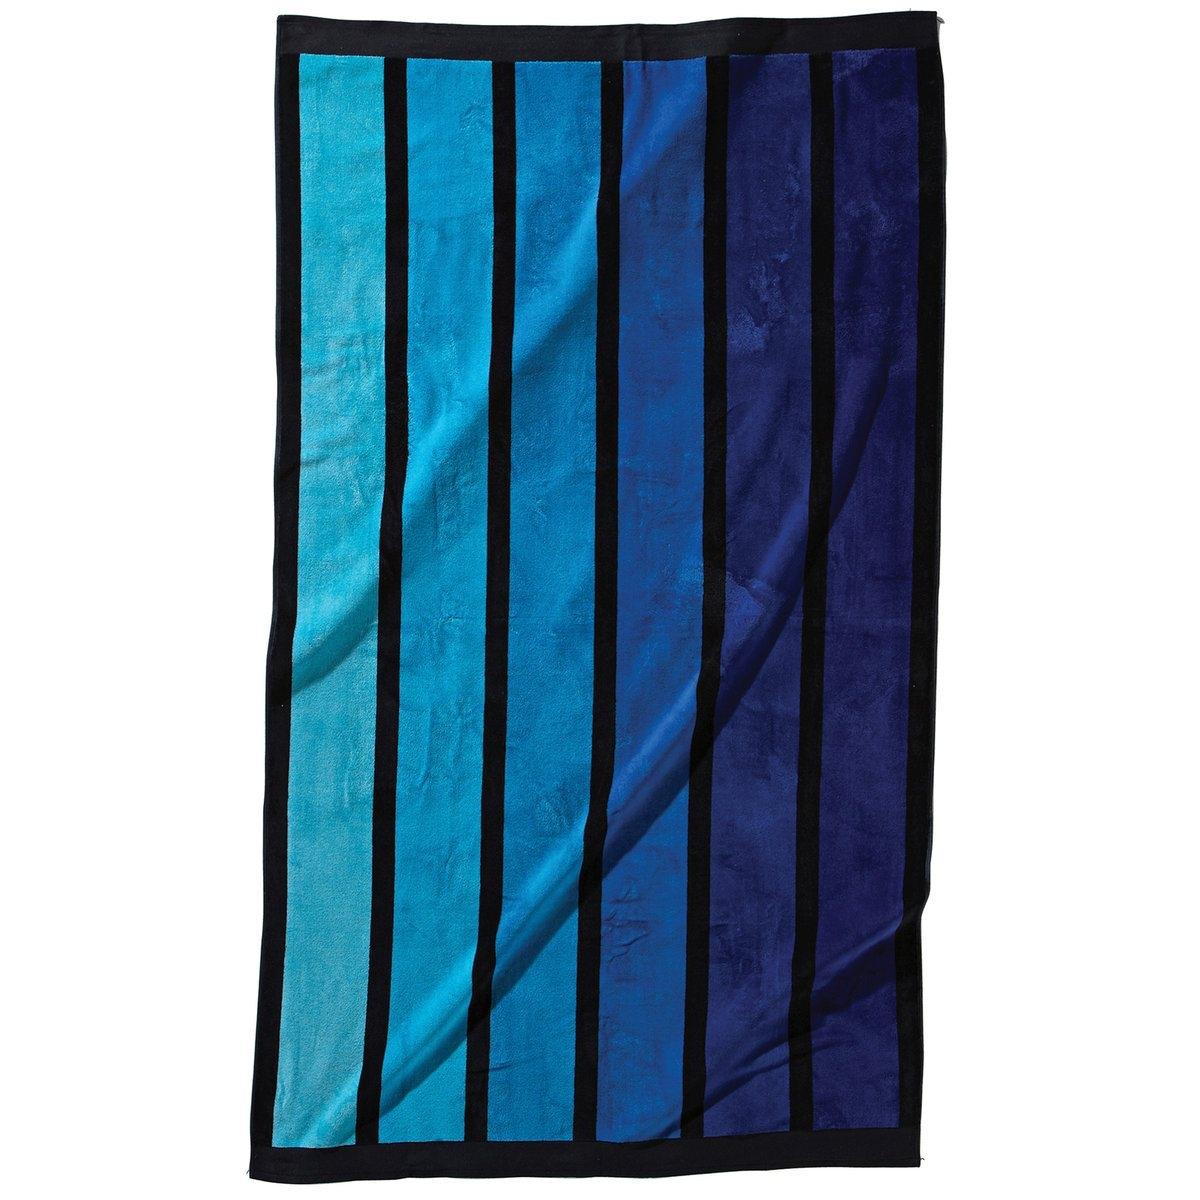 Полотенце пляжное в вертикальную полоскуПляжное полотенце из махровой ткани и велюра в полоску, 100% хлопка. 1 сторона из велюра, 1 сторона из махровой ткани. 470 г/м?. Размер: 100 x 175 см. Стирка при 40°.<br><br>Цвет: розовый,синий<br>Размер: единый размер